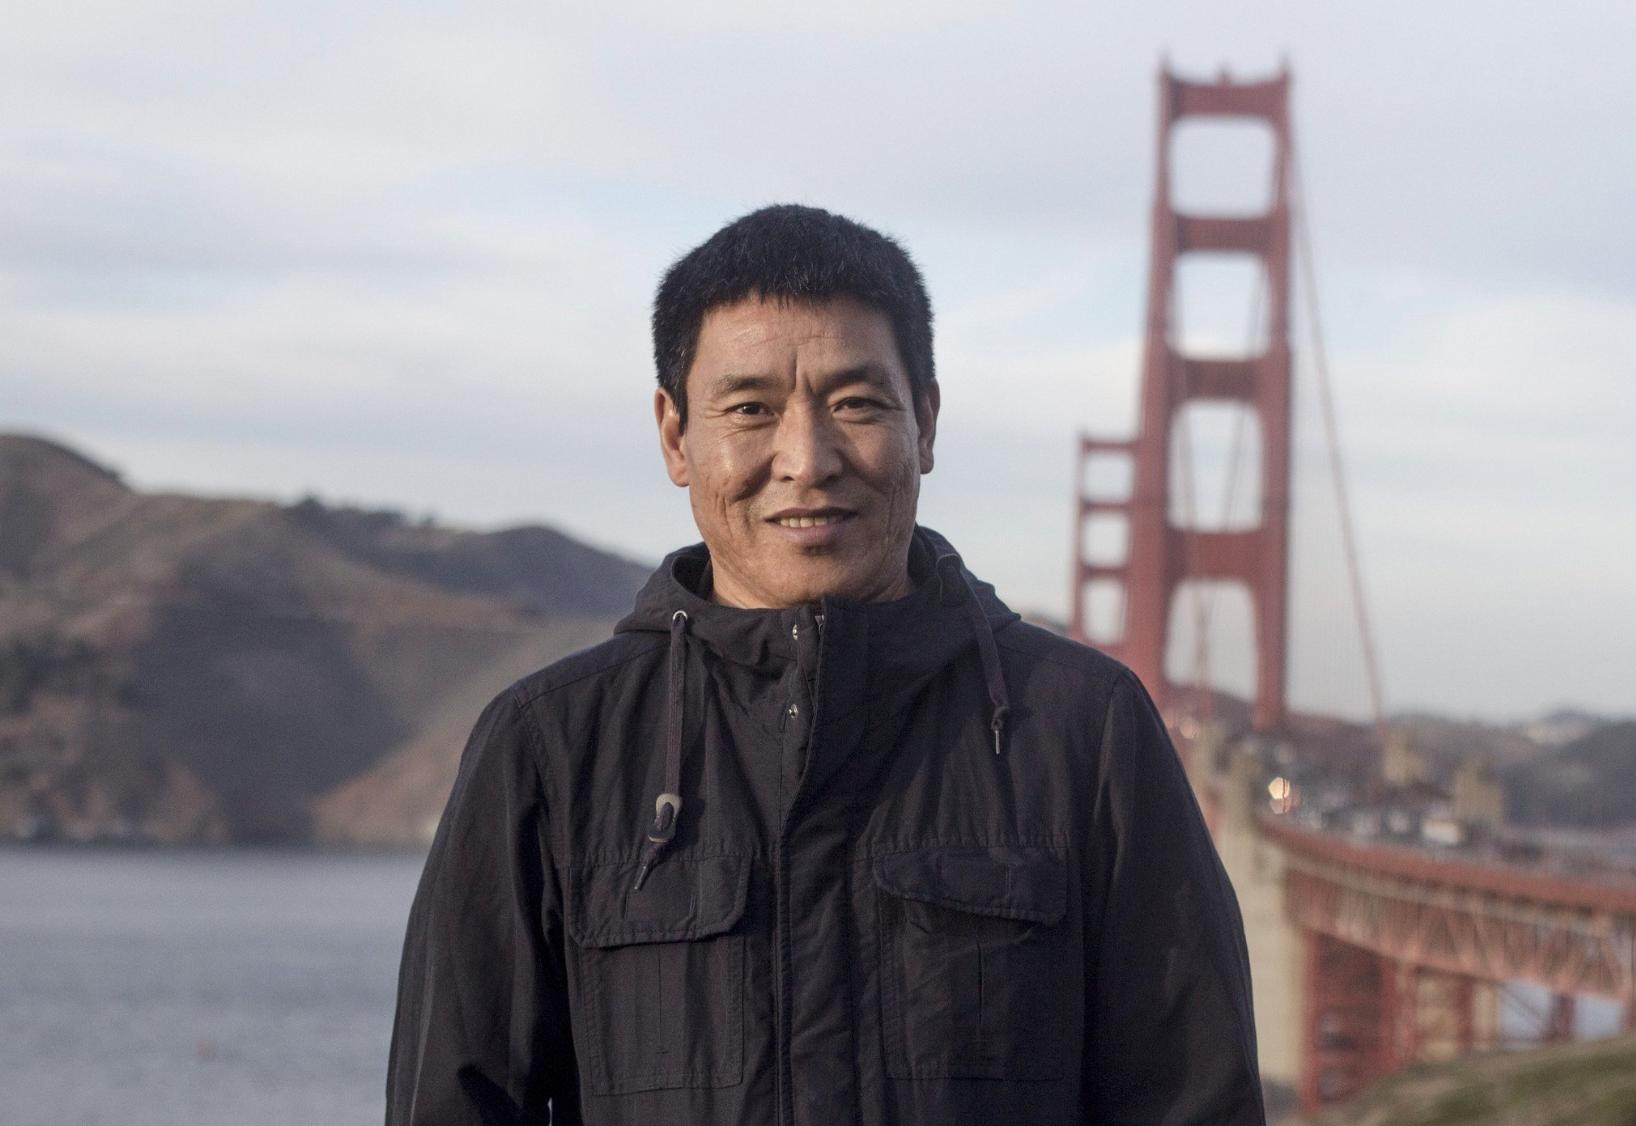 Dhondup Wangchen - Tibetan Filmmaker